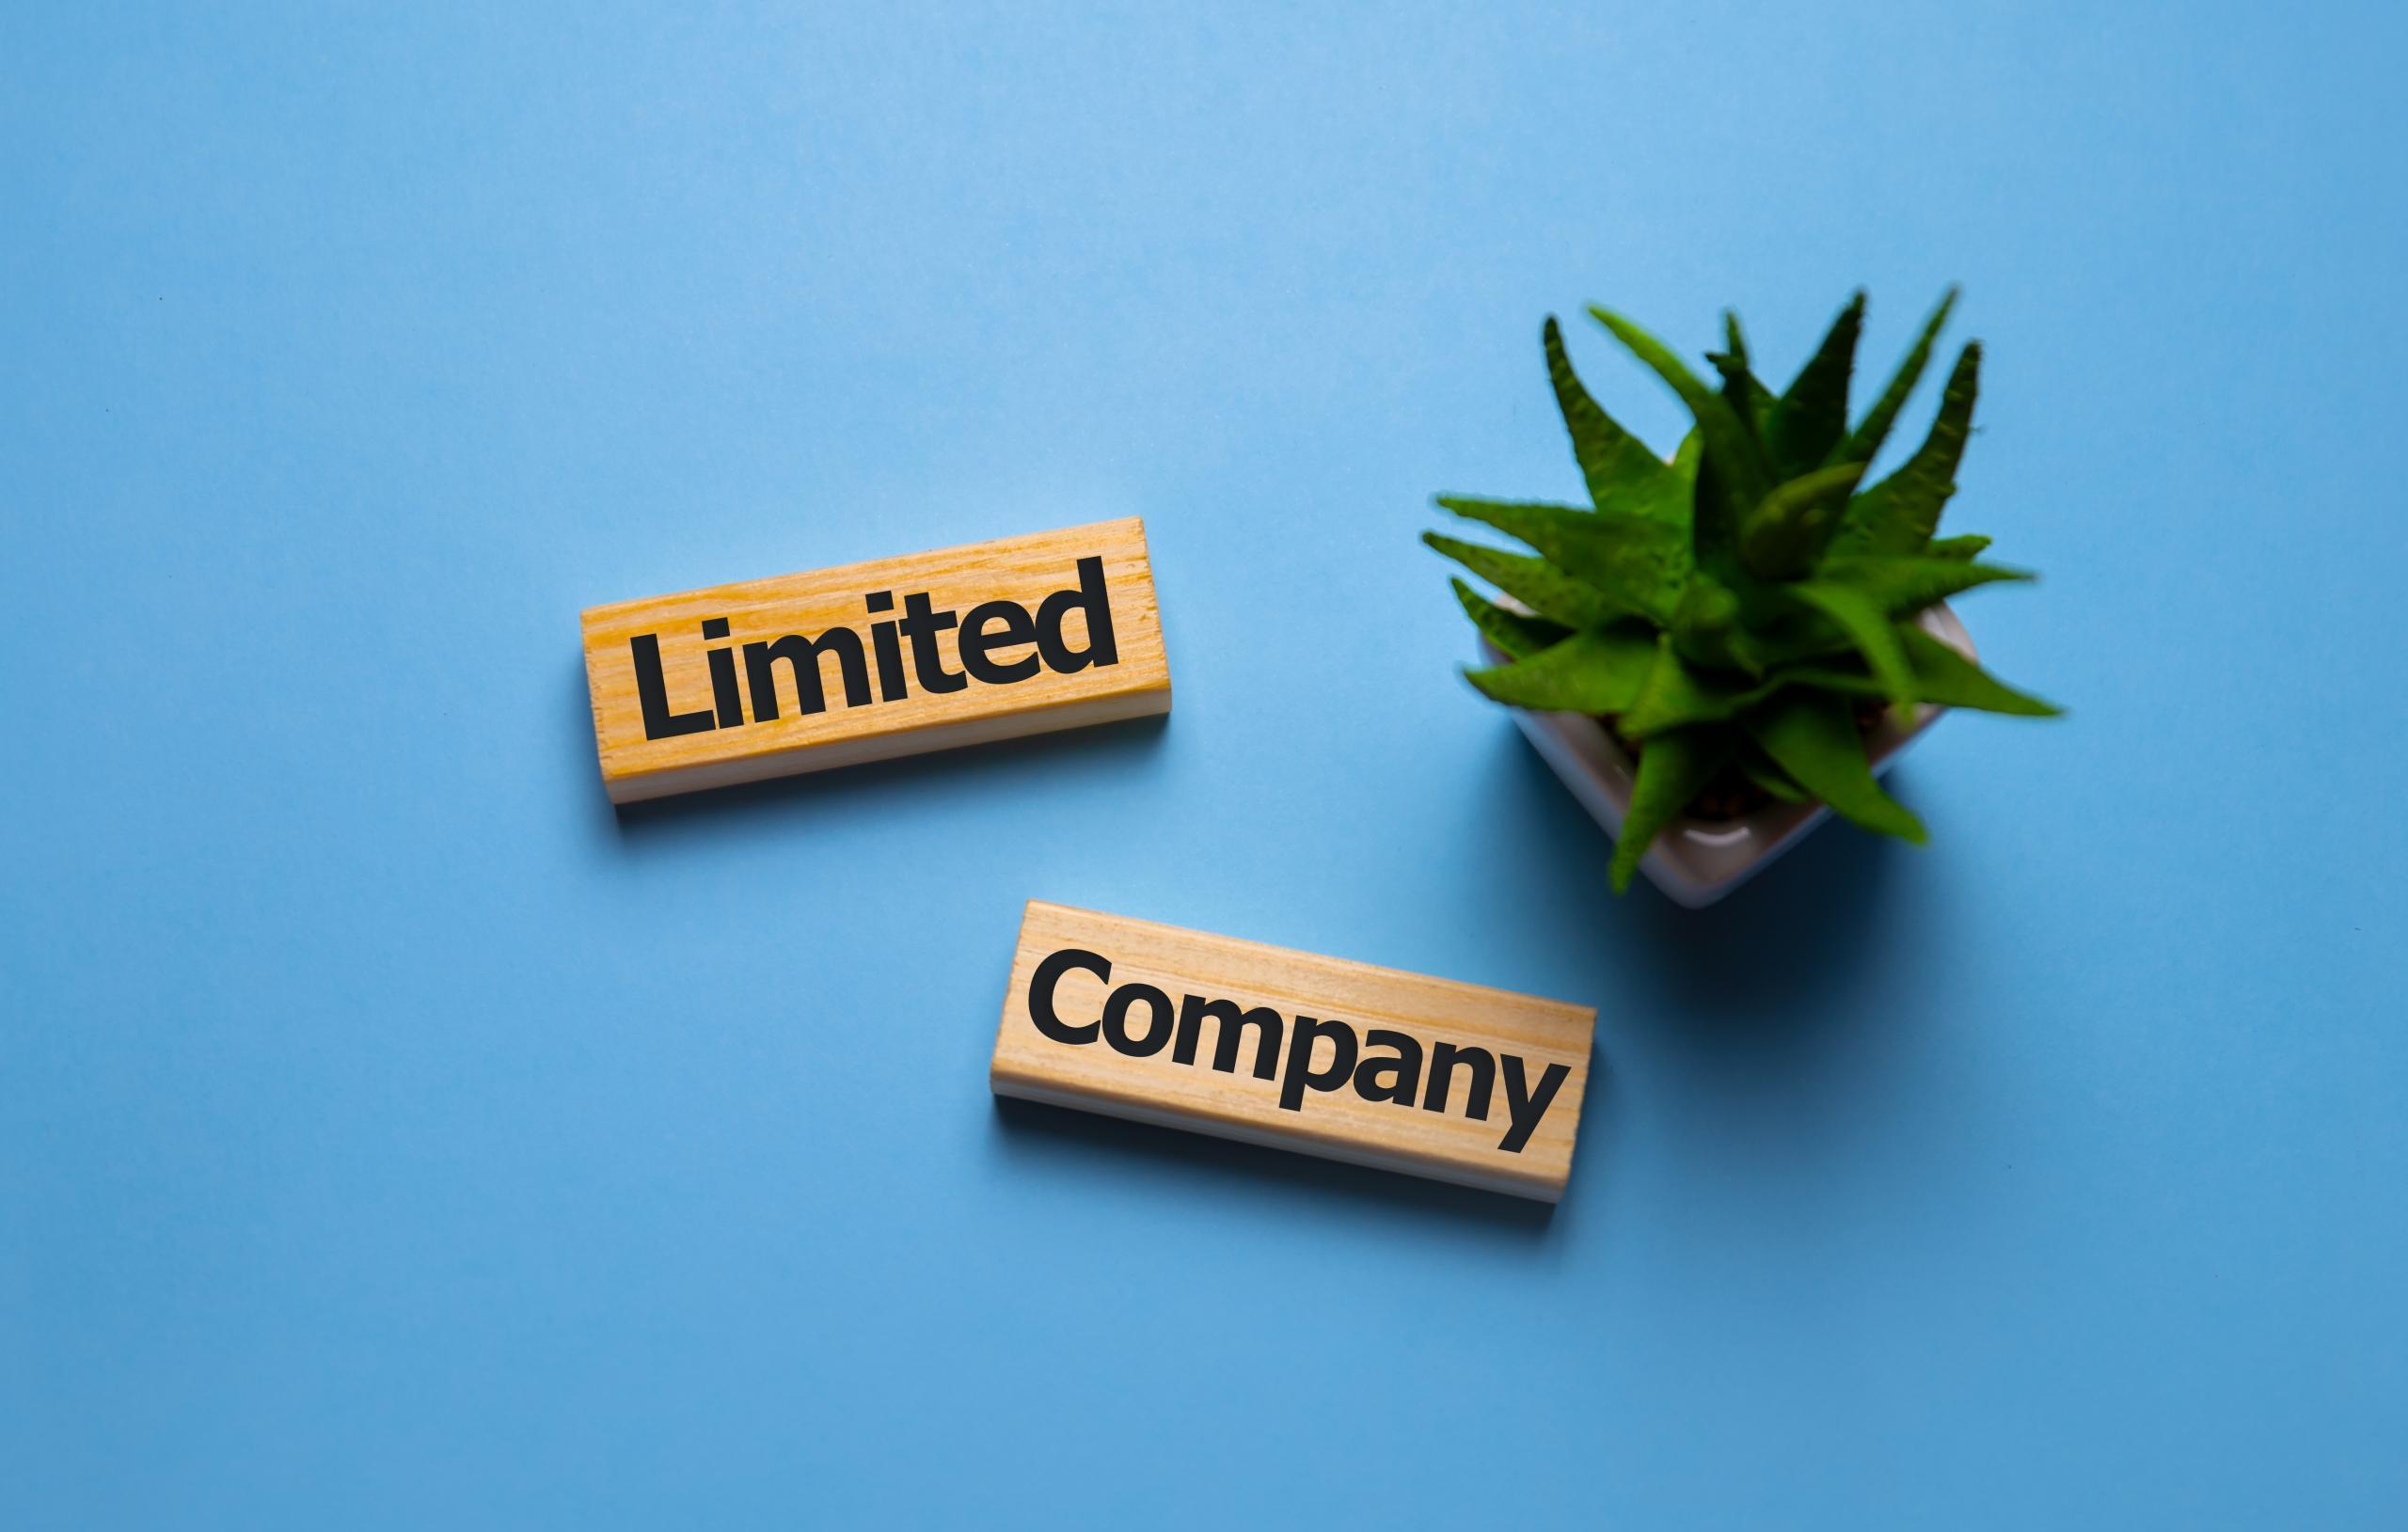 Đầu tư vào cổ phiếu thông qua công ty TNHH